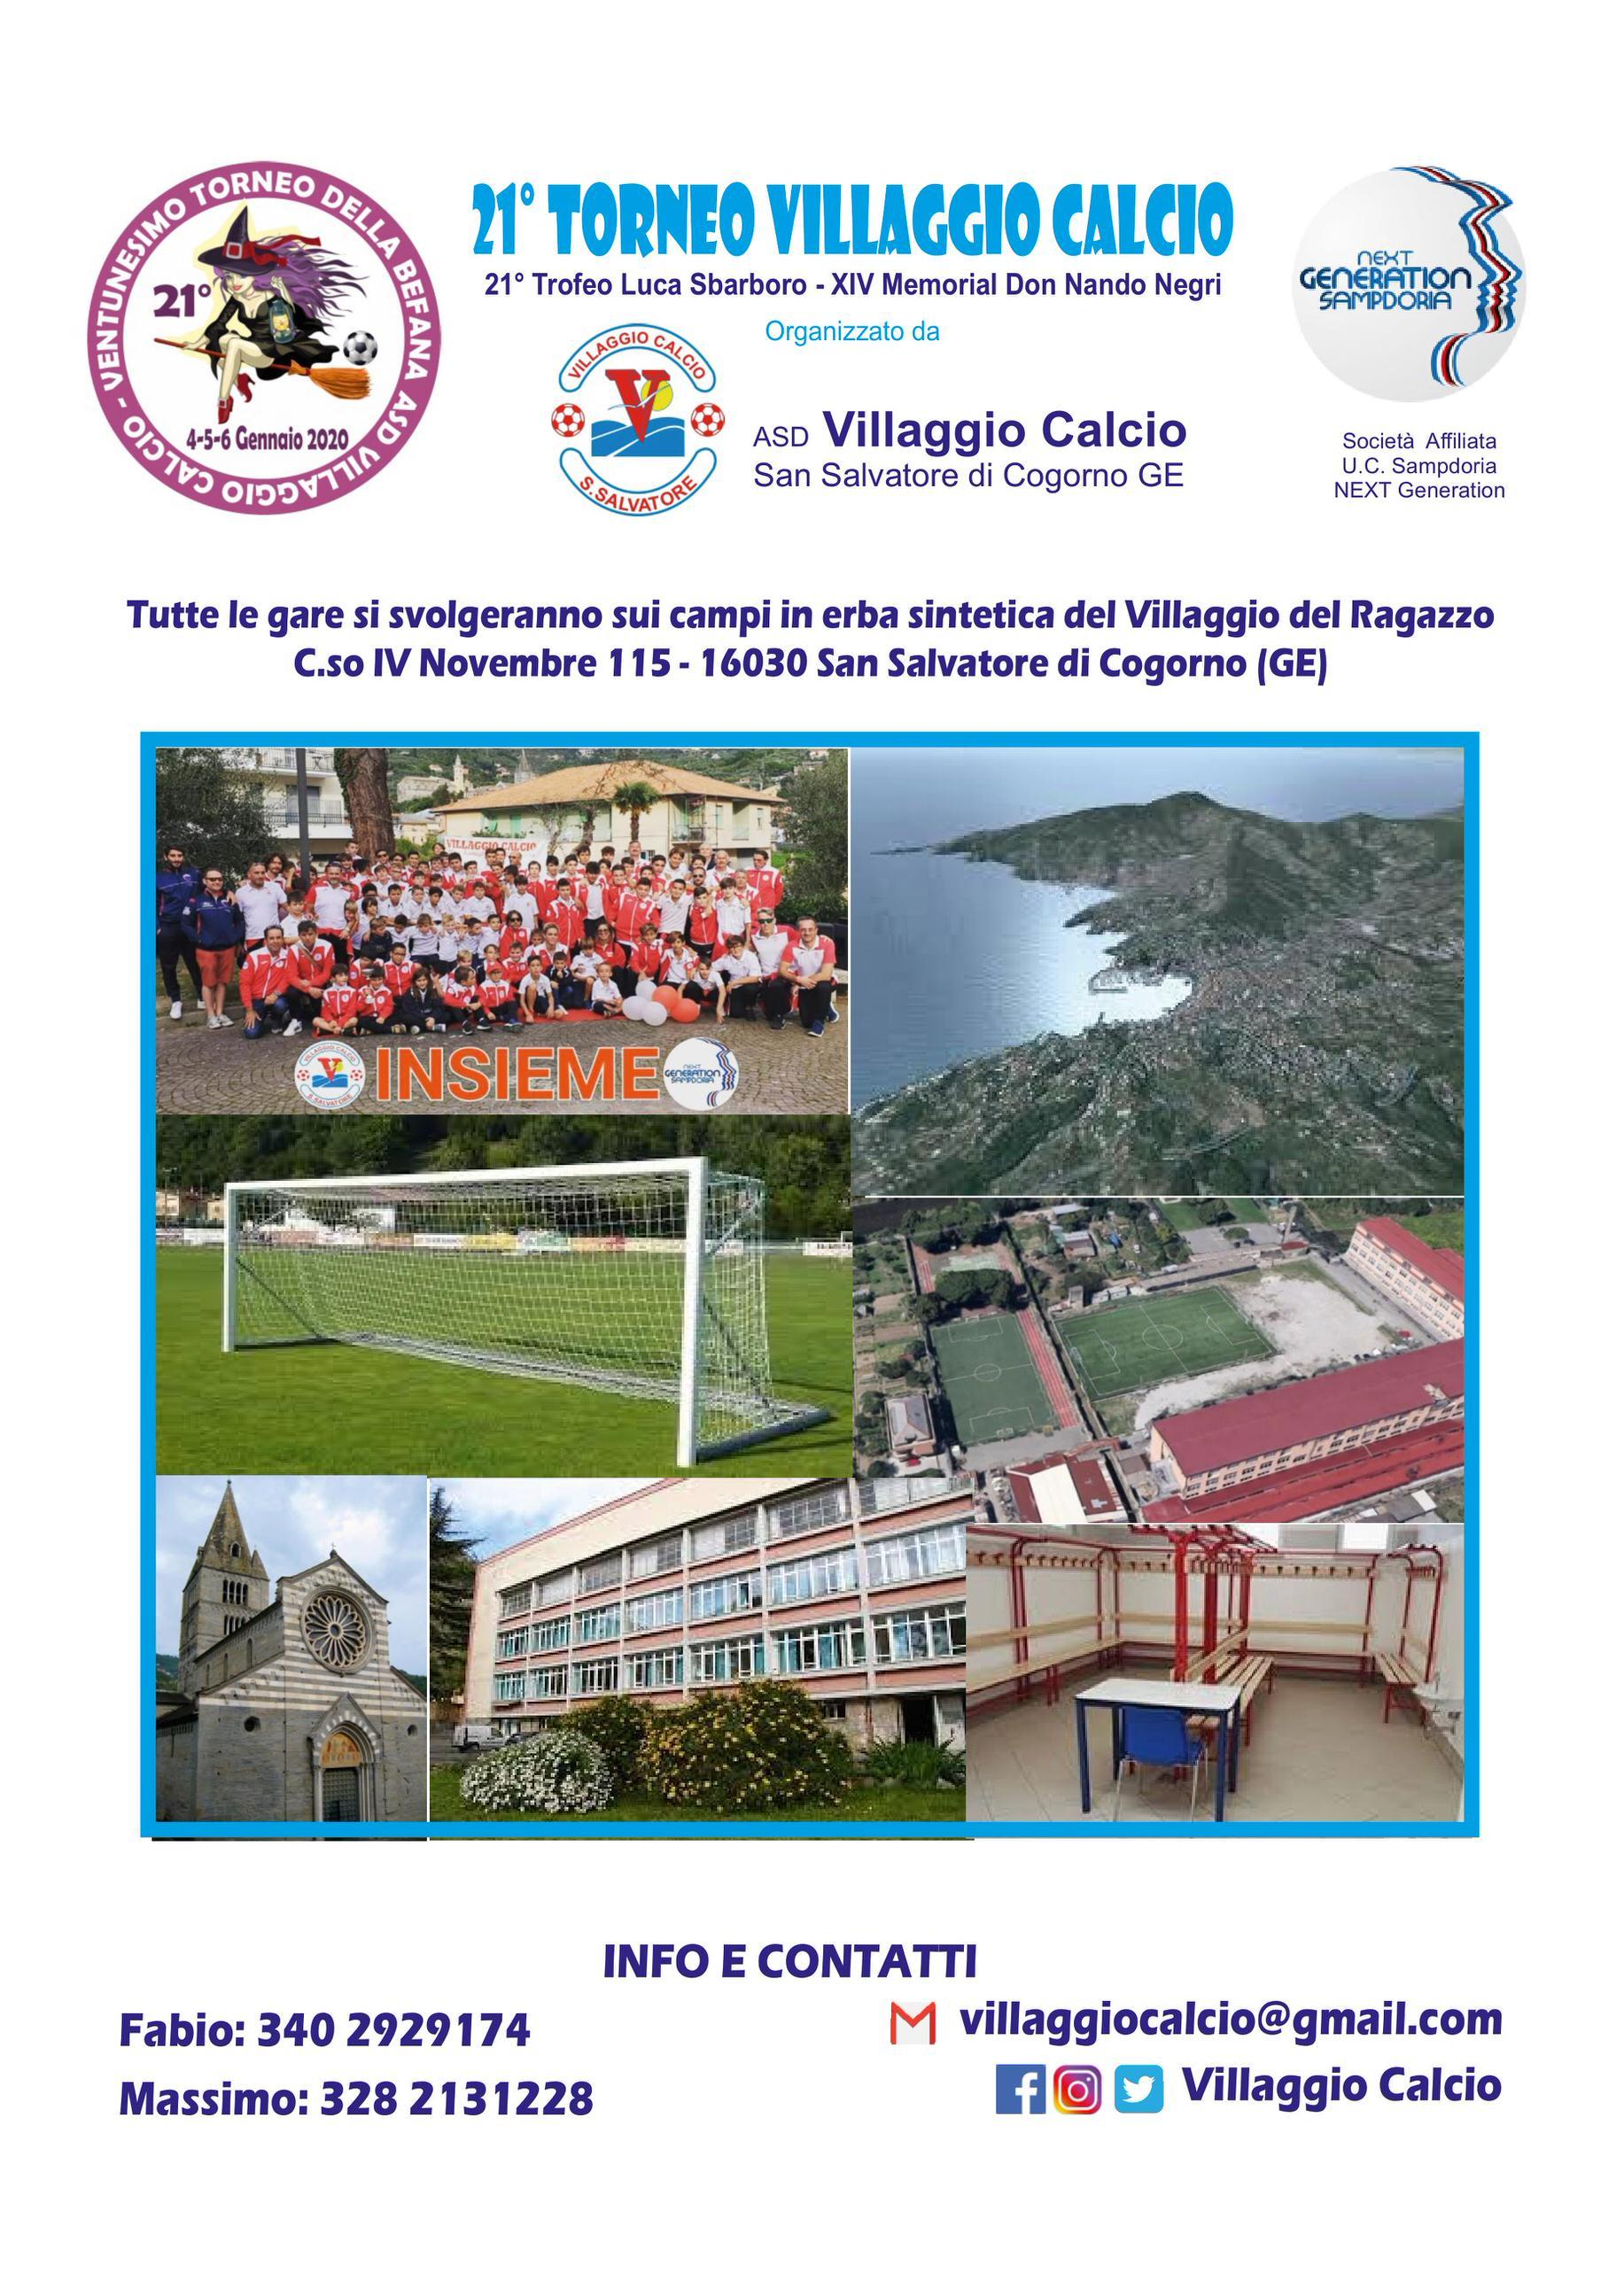 Torneo della Befana - XIV Memorial don Nando Negri - 21° Trofeo Luca Sbarboro 01